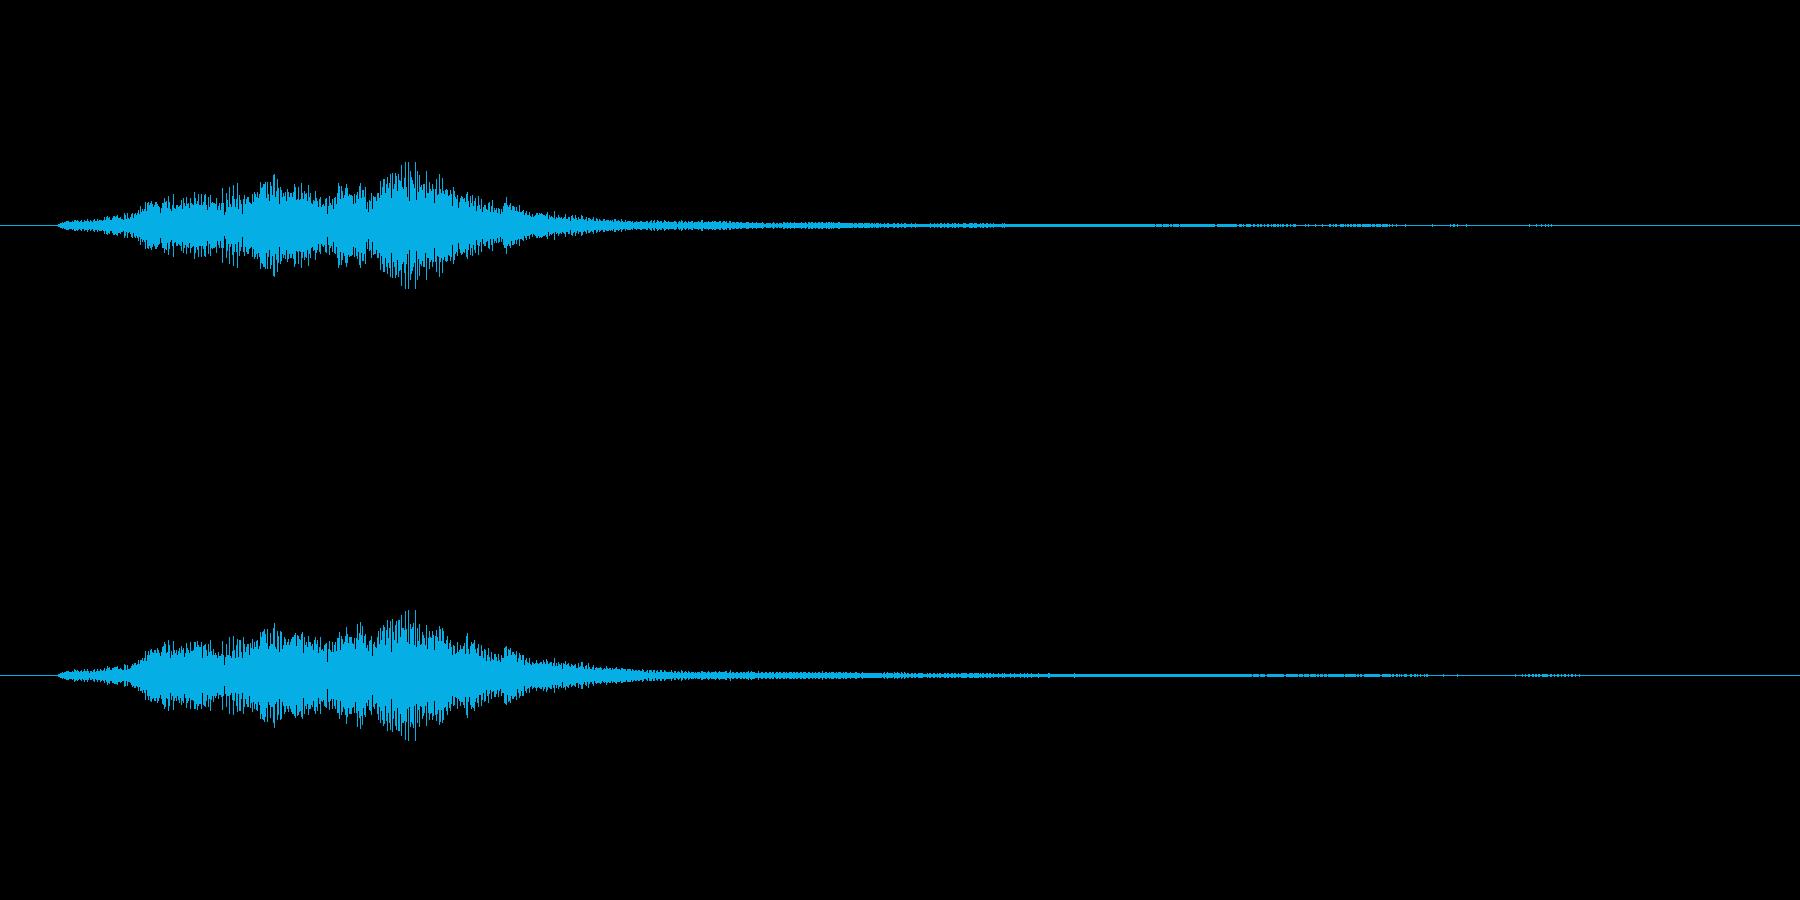 ハープグリッサンド上行3回~Fの再生済みの波形